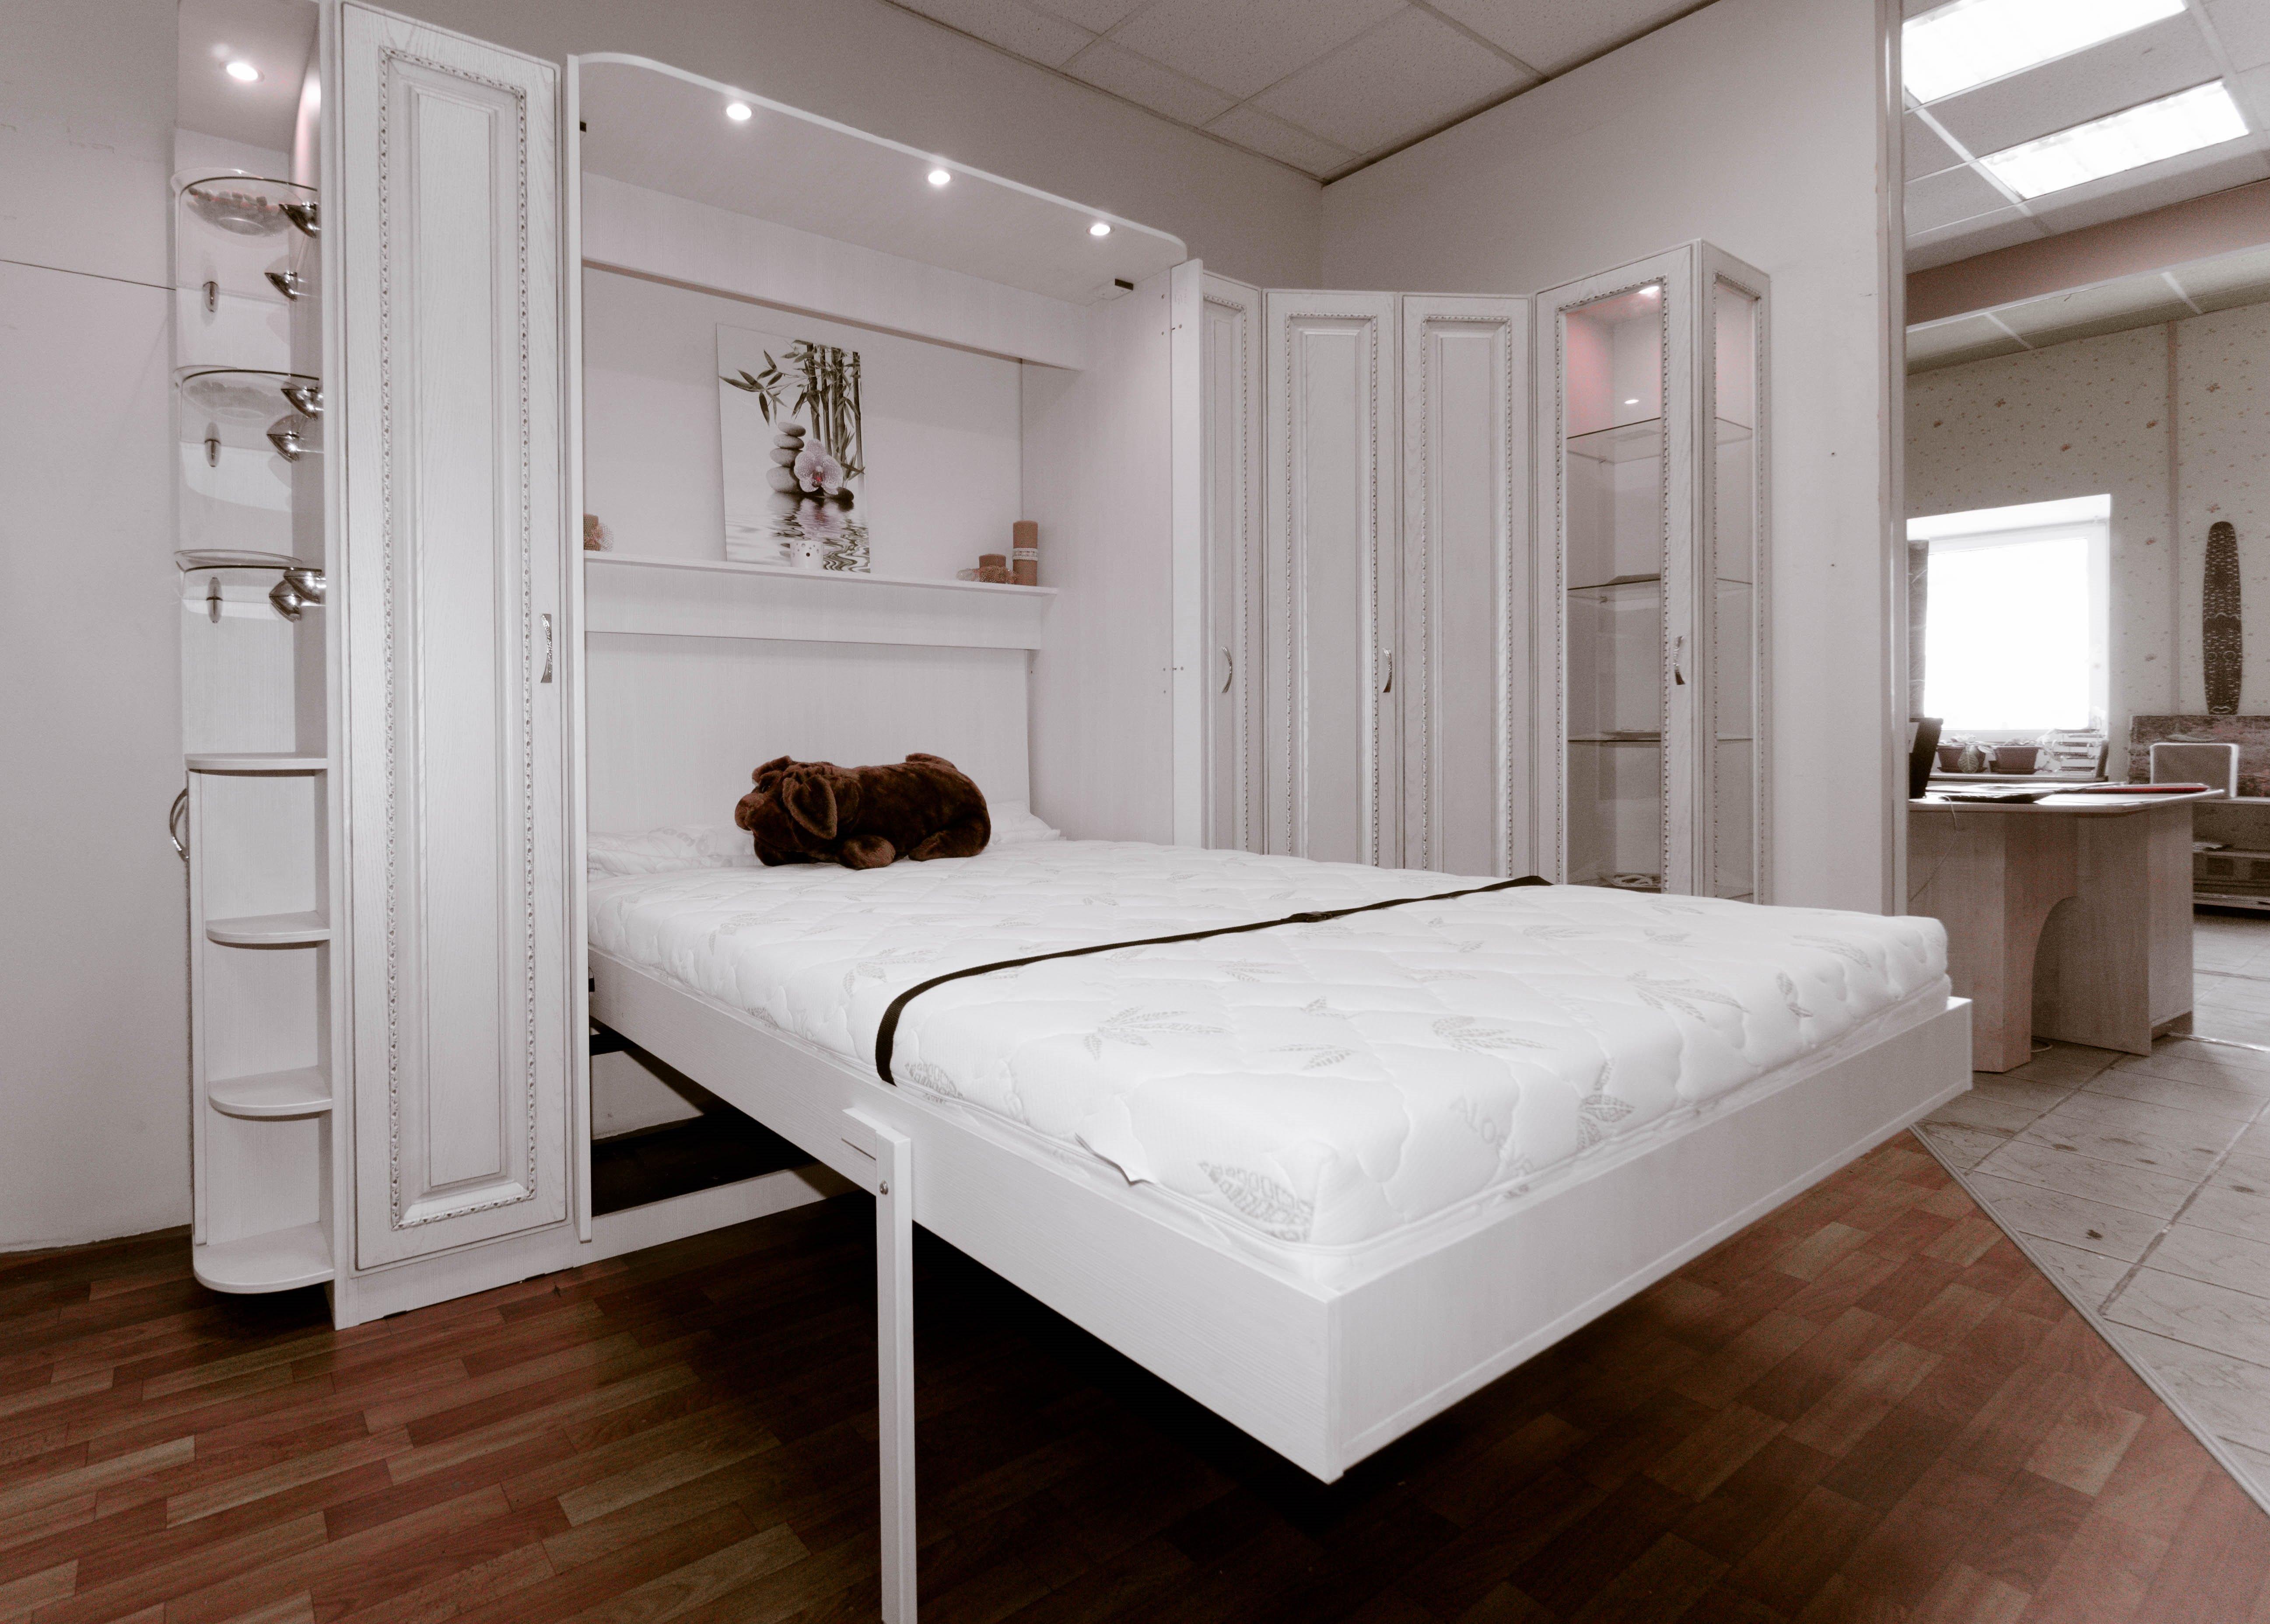 lit blanc d'ascenseur